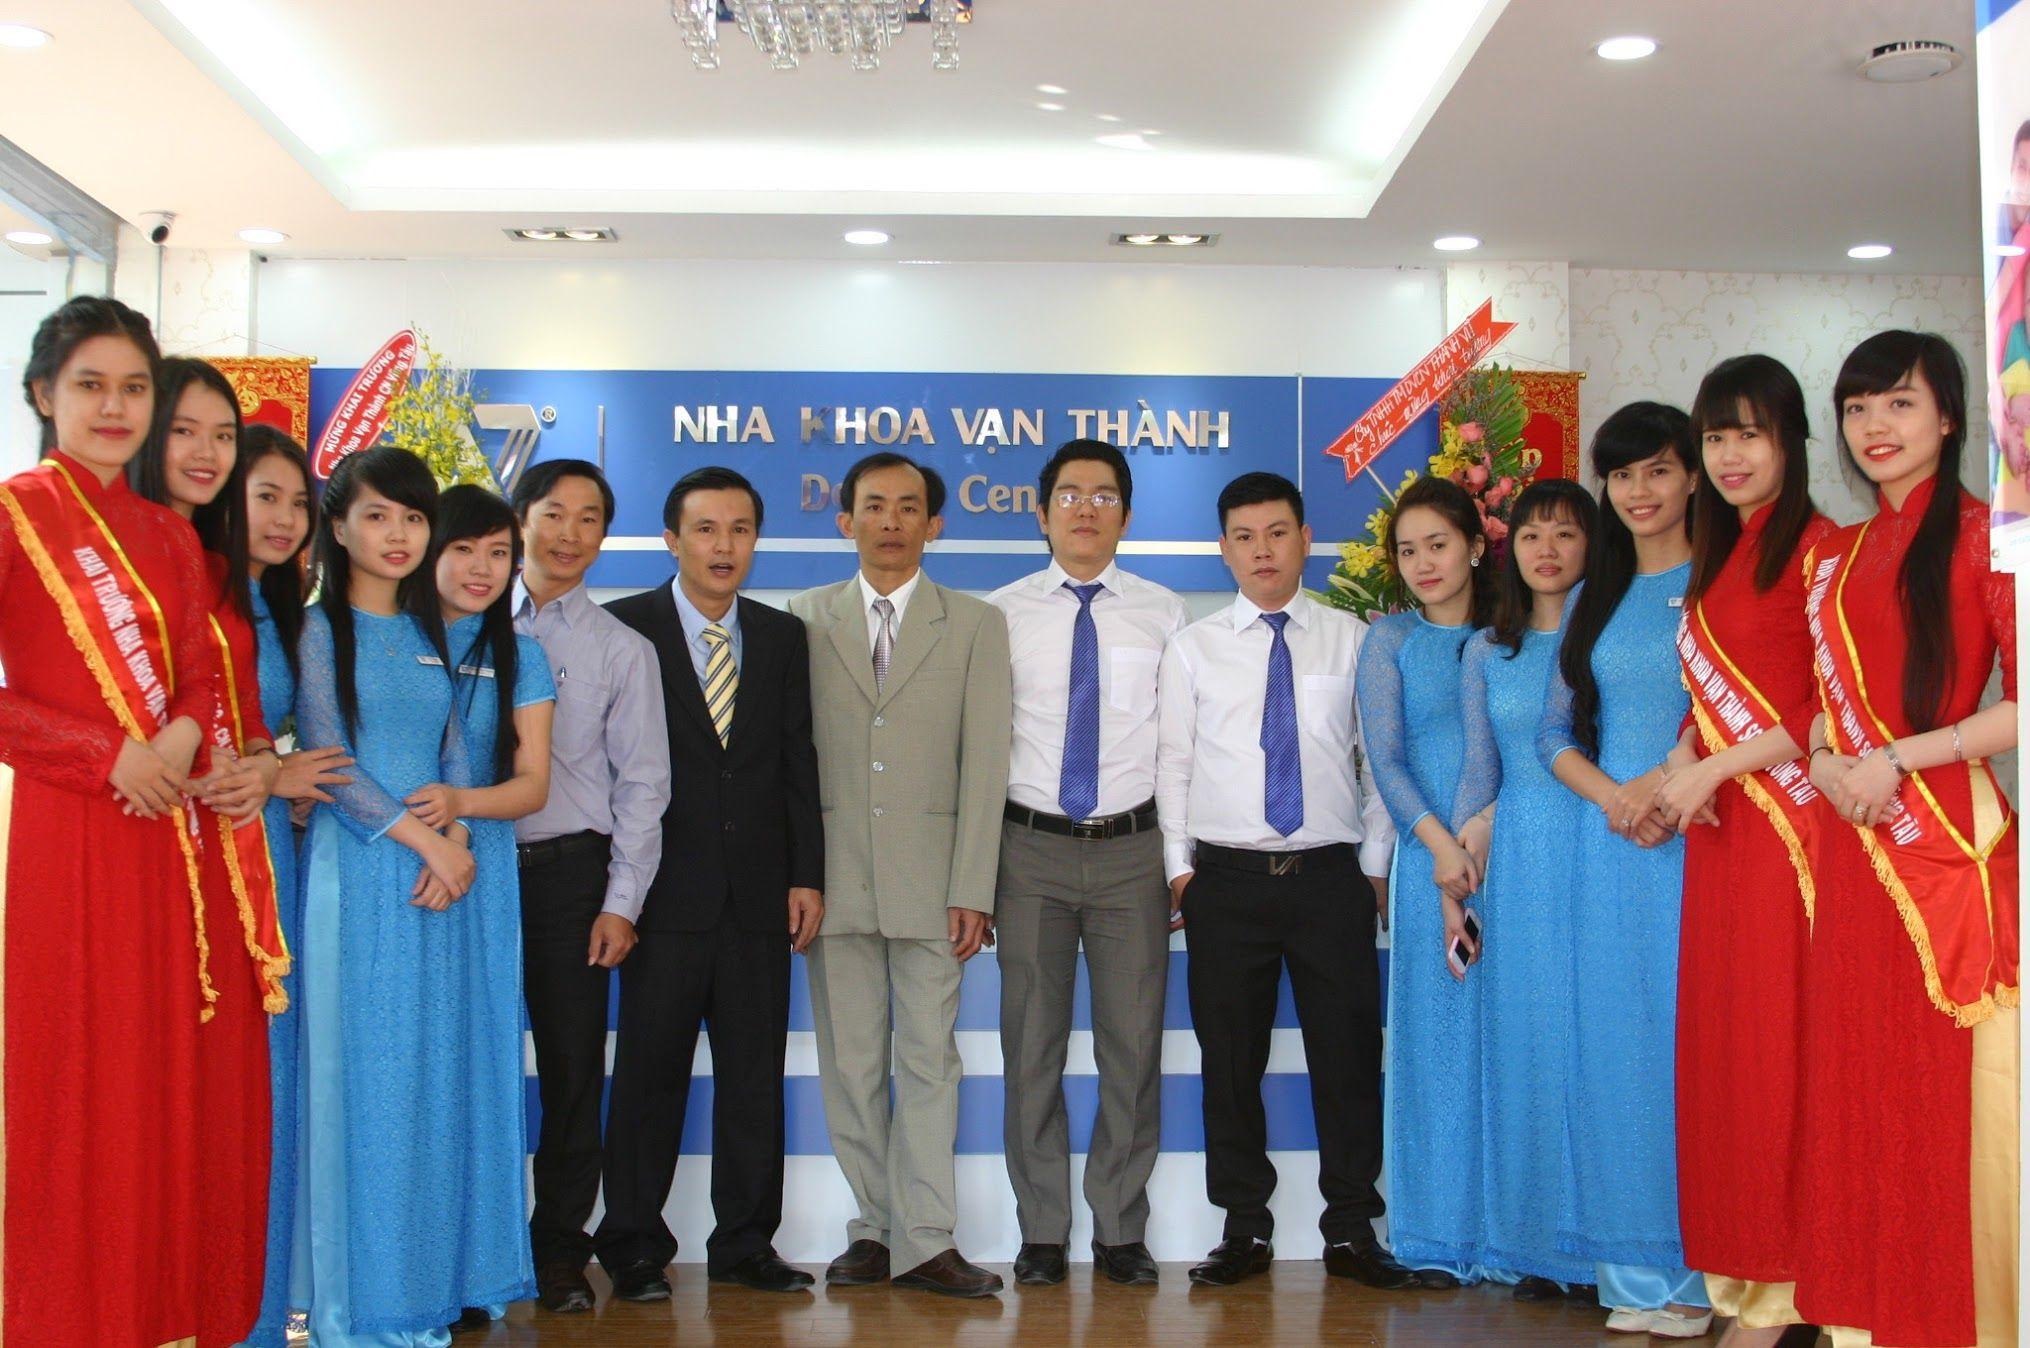 Van Thanh Dental Clinic (Ba Ria Vung Tau)